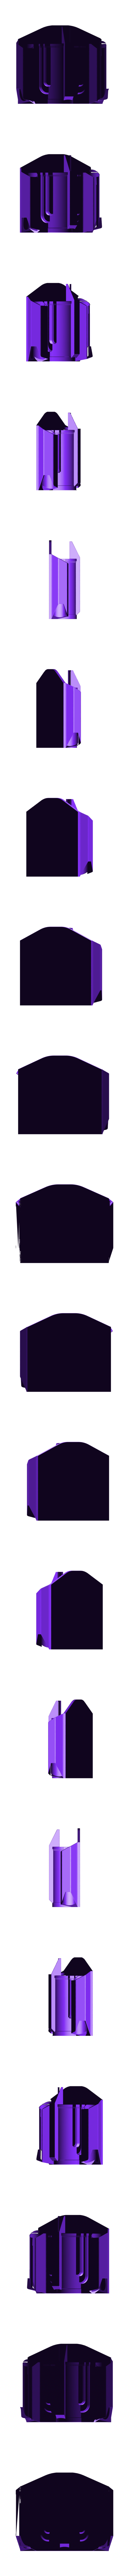 Boba_Fett_Jet_Pack_Complete.stl Download free STL file Boba Fett Jet Pack Full Size • 3D printable model, bromego